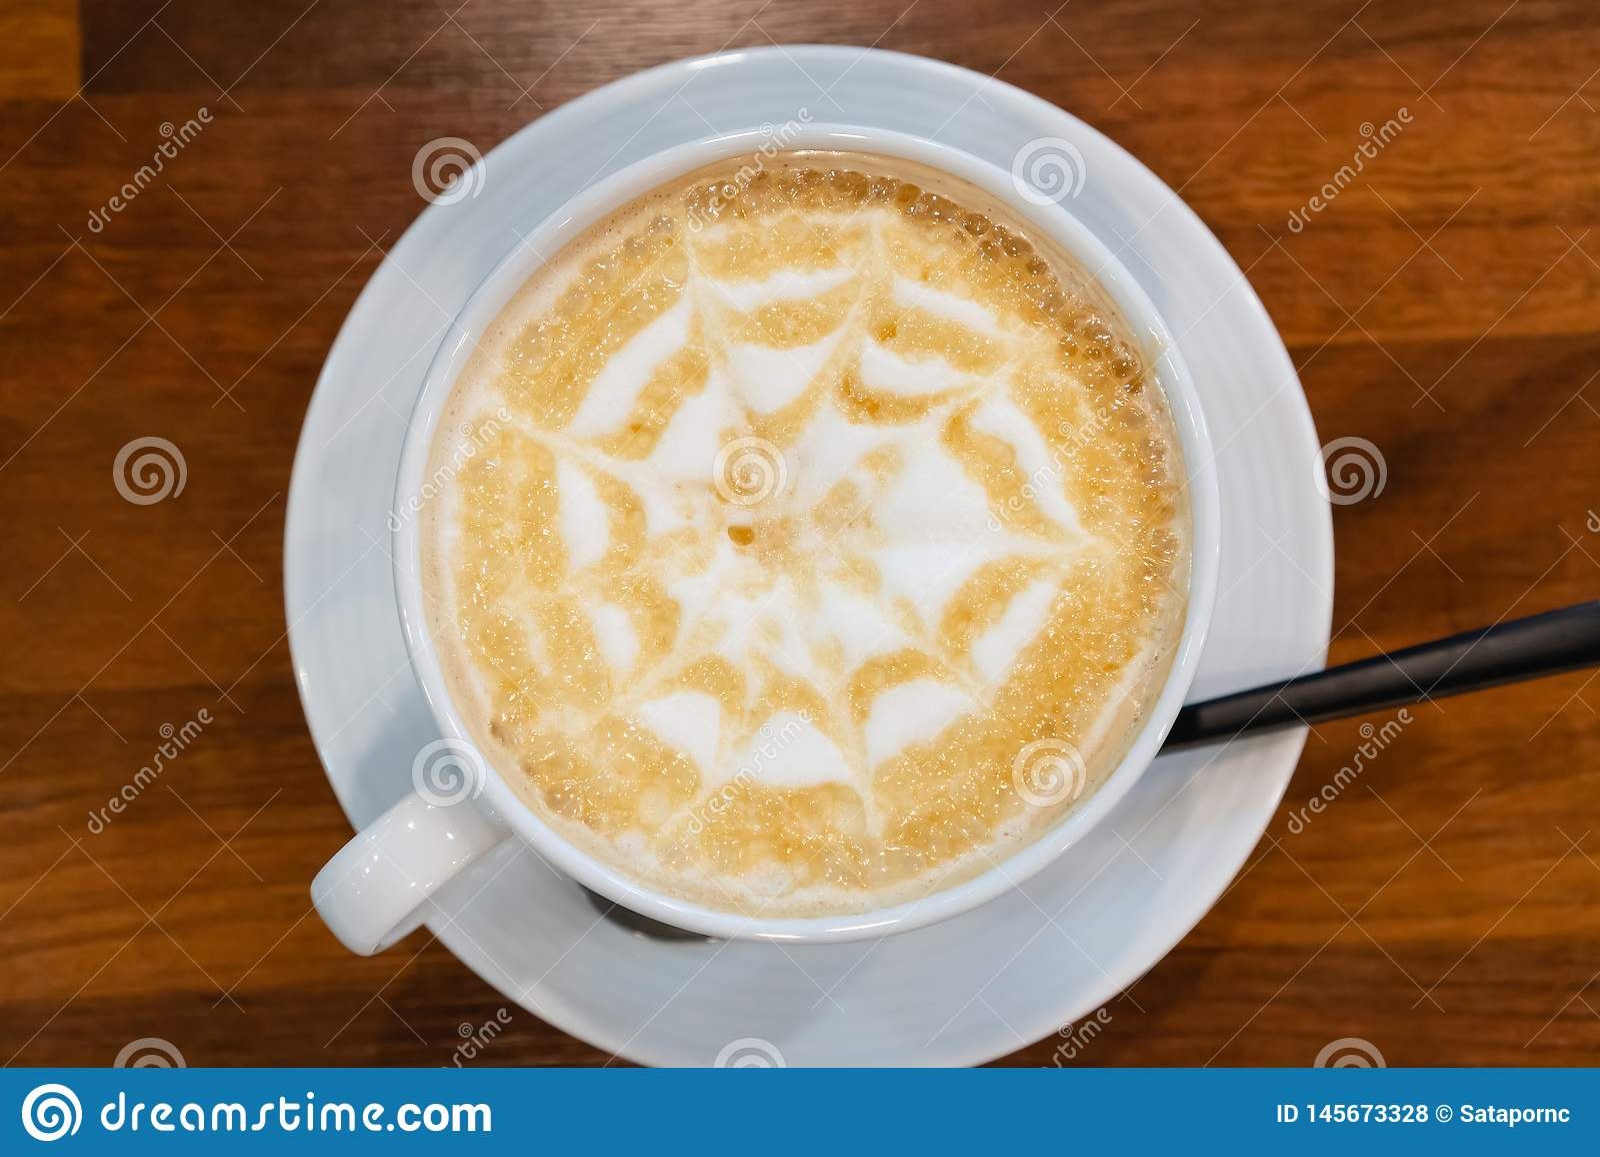 Copo de caf? com espuma da arte da forma da estrela no fundo de madeira da tabela no tampo da mesa no caf?